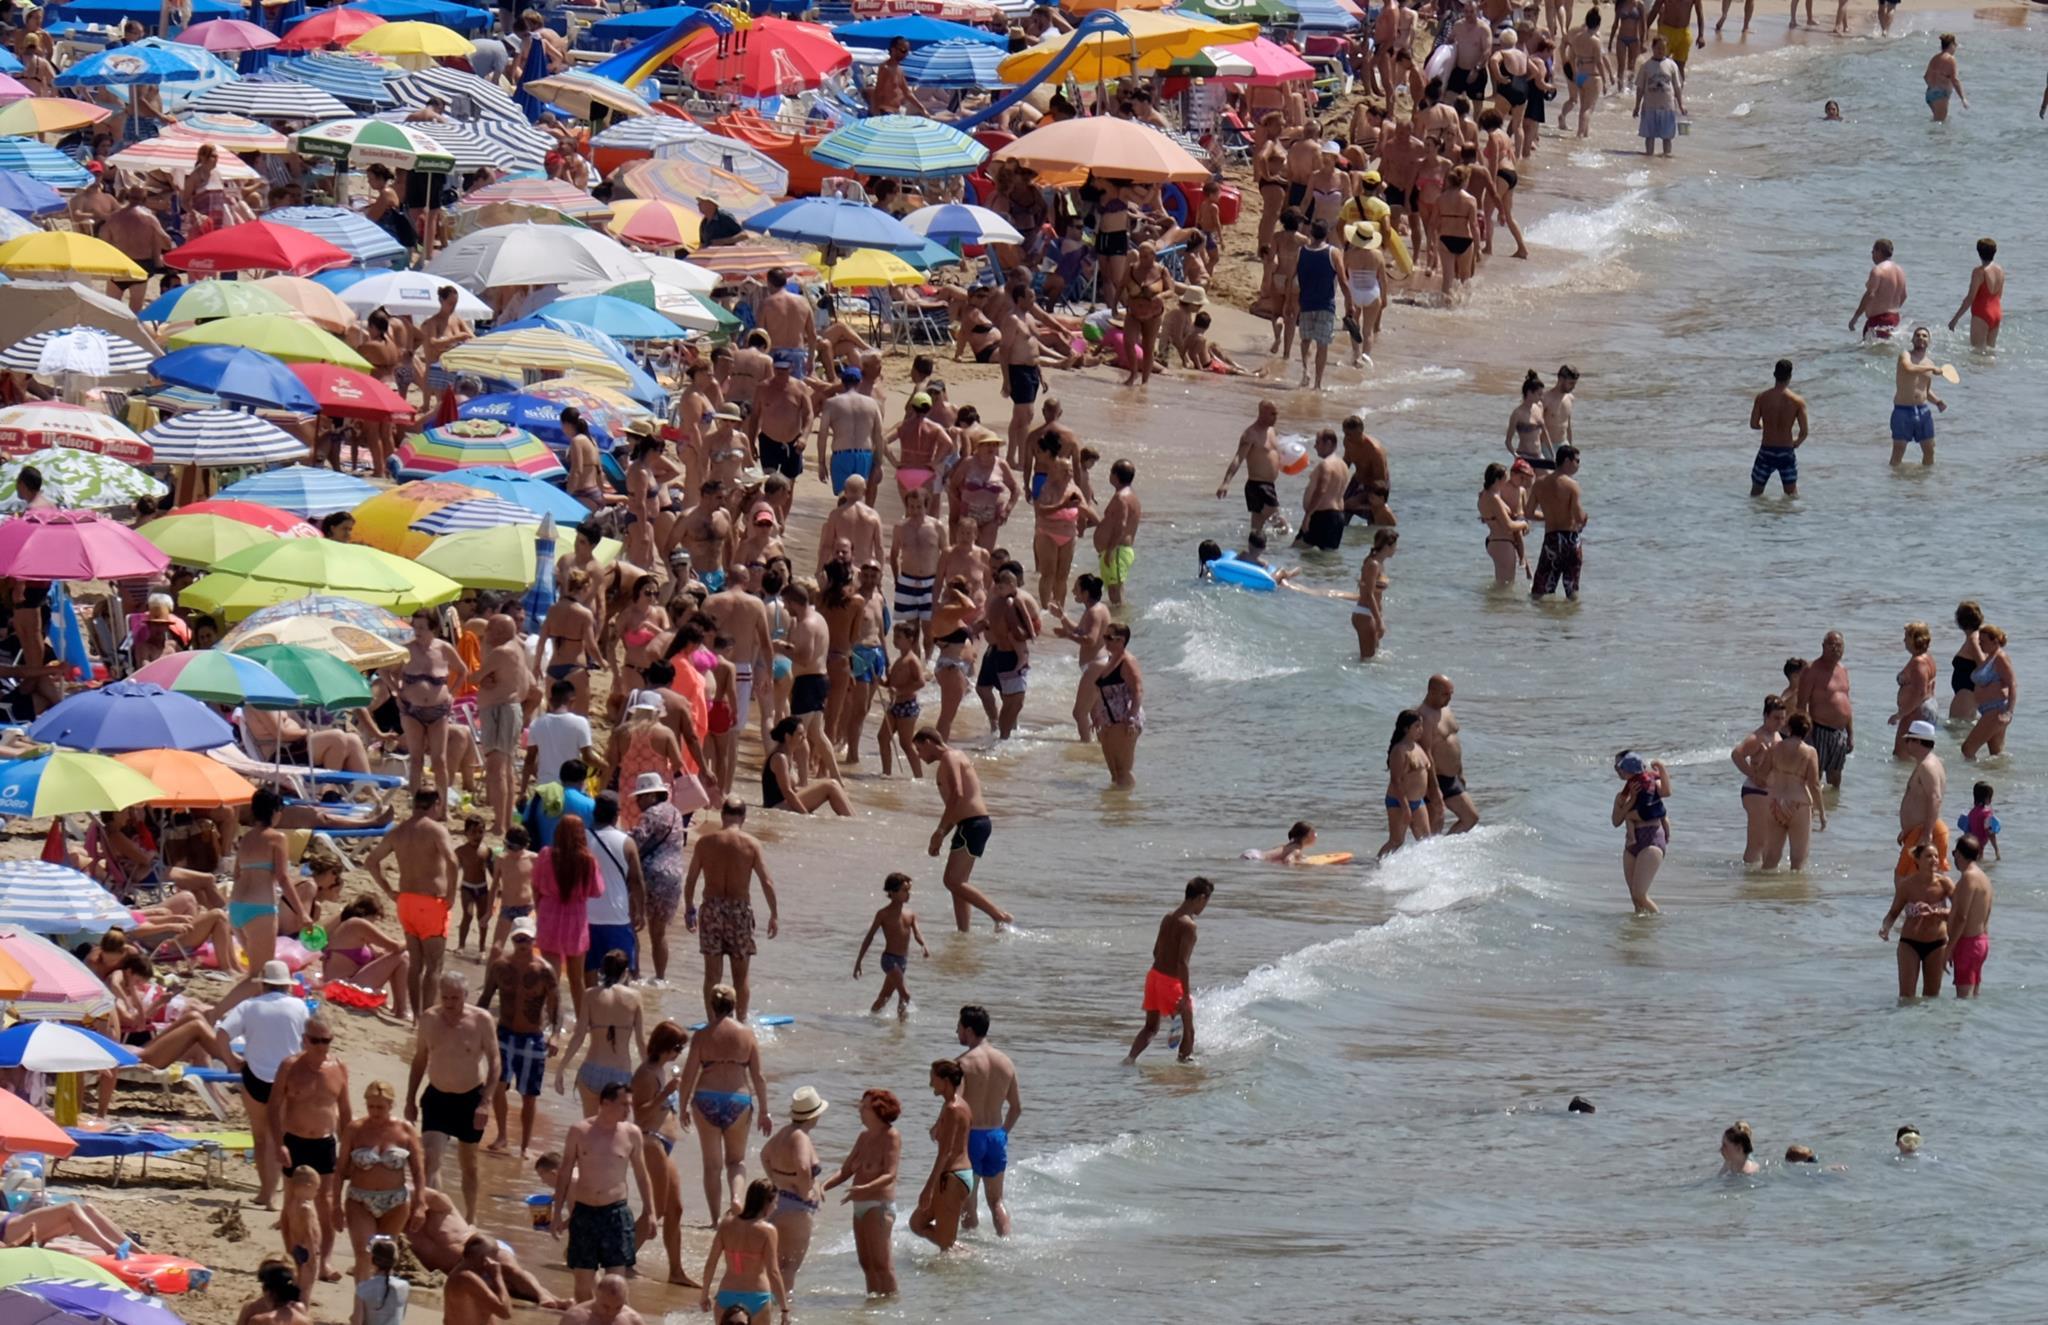 Os destinos de praia em Espanha, como Benidorm, são sempre muito procurados. Espanha poderá chegar aos 84 milhões em 2017